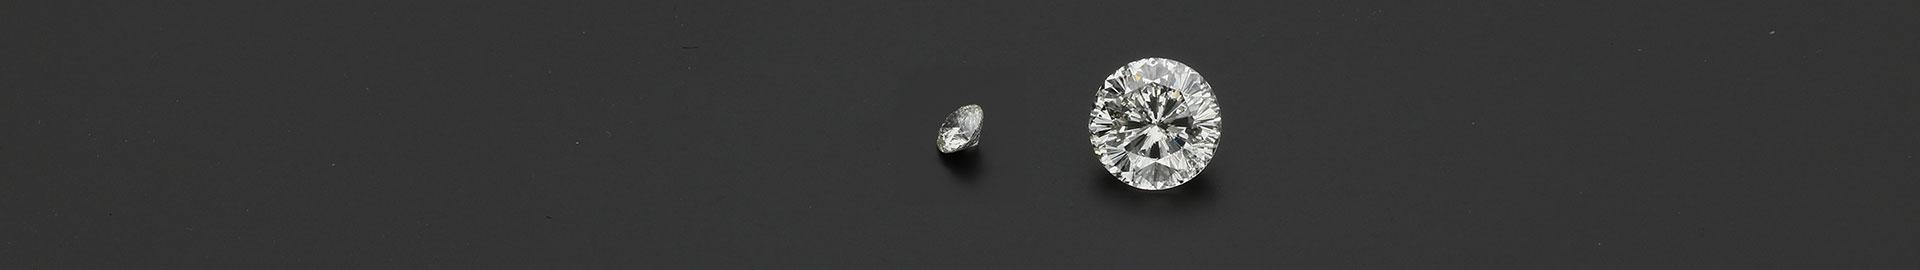 Star of Amsterdam diamond   Unique, beautiful & special Zazare Diamonds